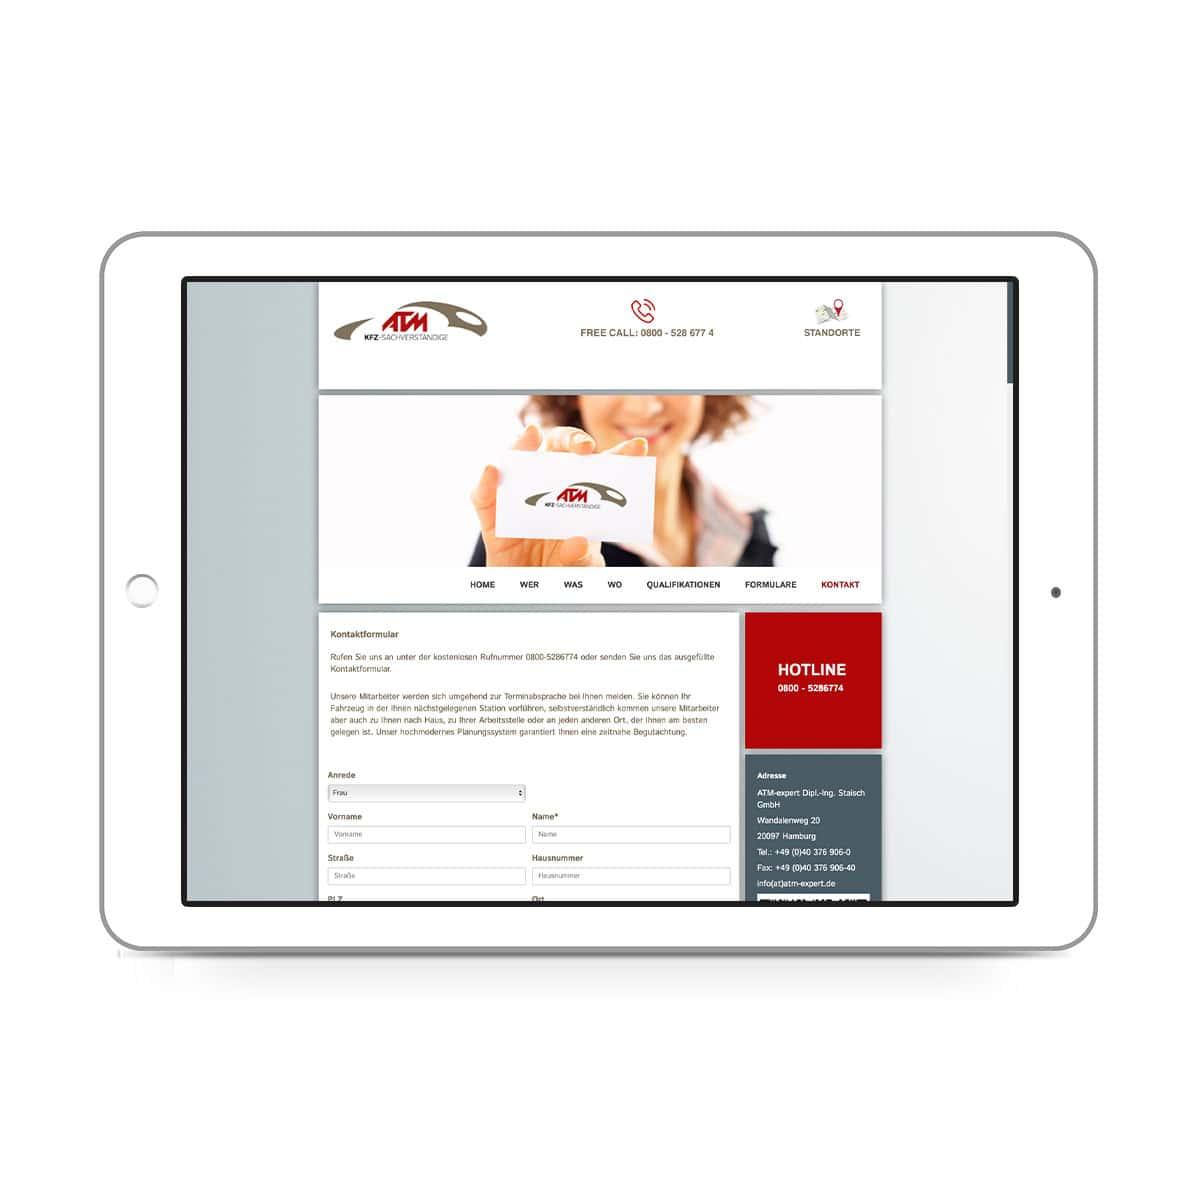 ATM-expert Dipl.-Ing. Staisch GmbH - Kontaktformular